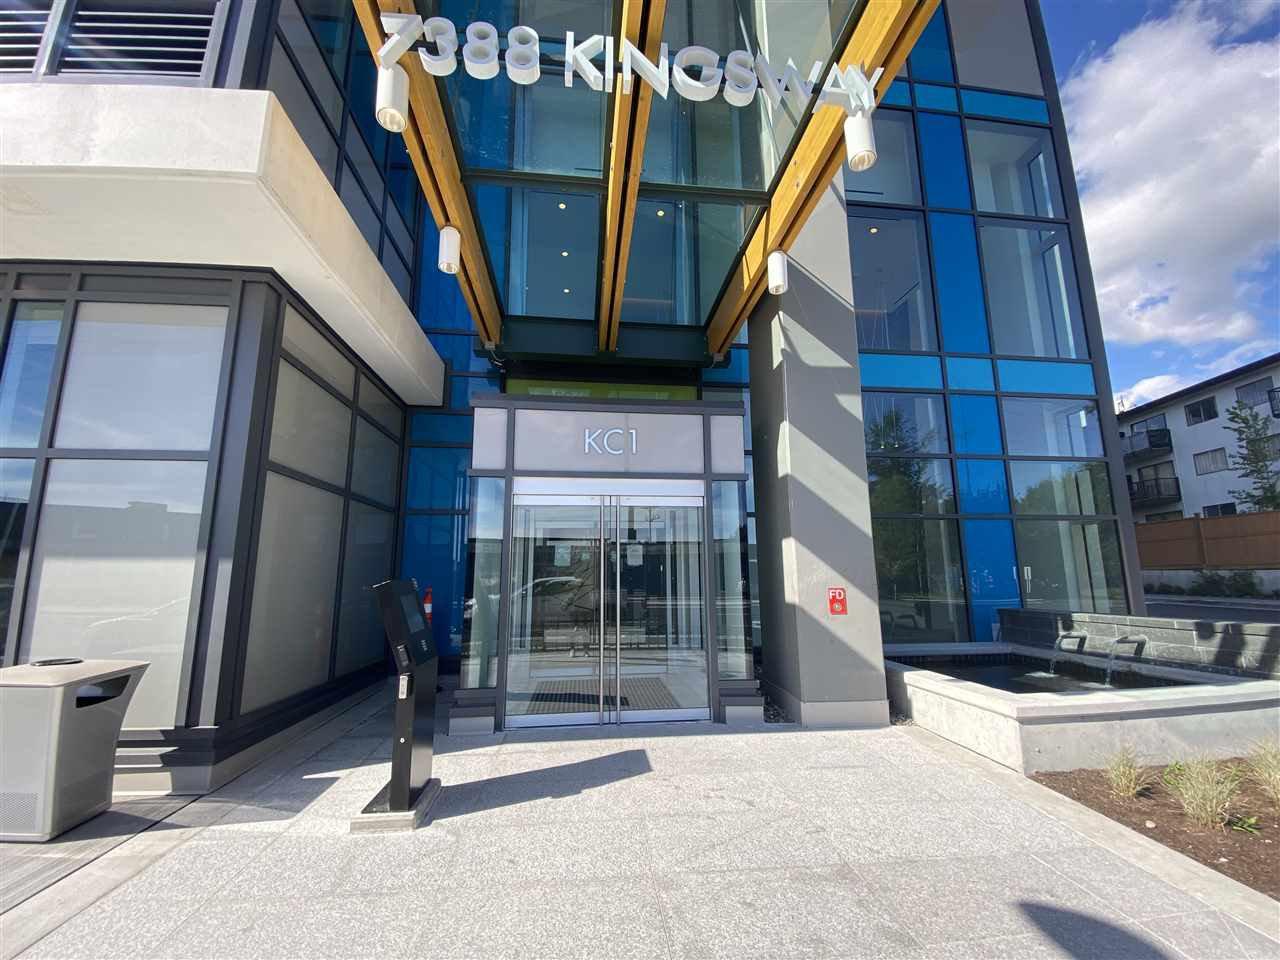 """Main Photo: 2407 7388 KINGSWAY in Burnaby: Edmonds BE Condo for sale in """"Kings Crossing 1"""" (Burnaby East)  : MLS®# R2456723"""